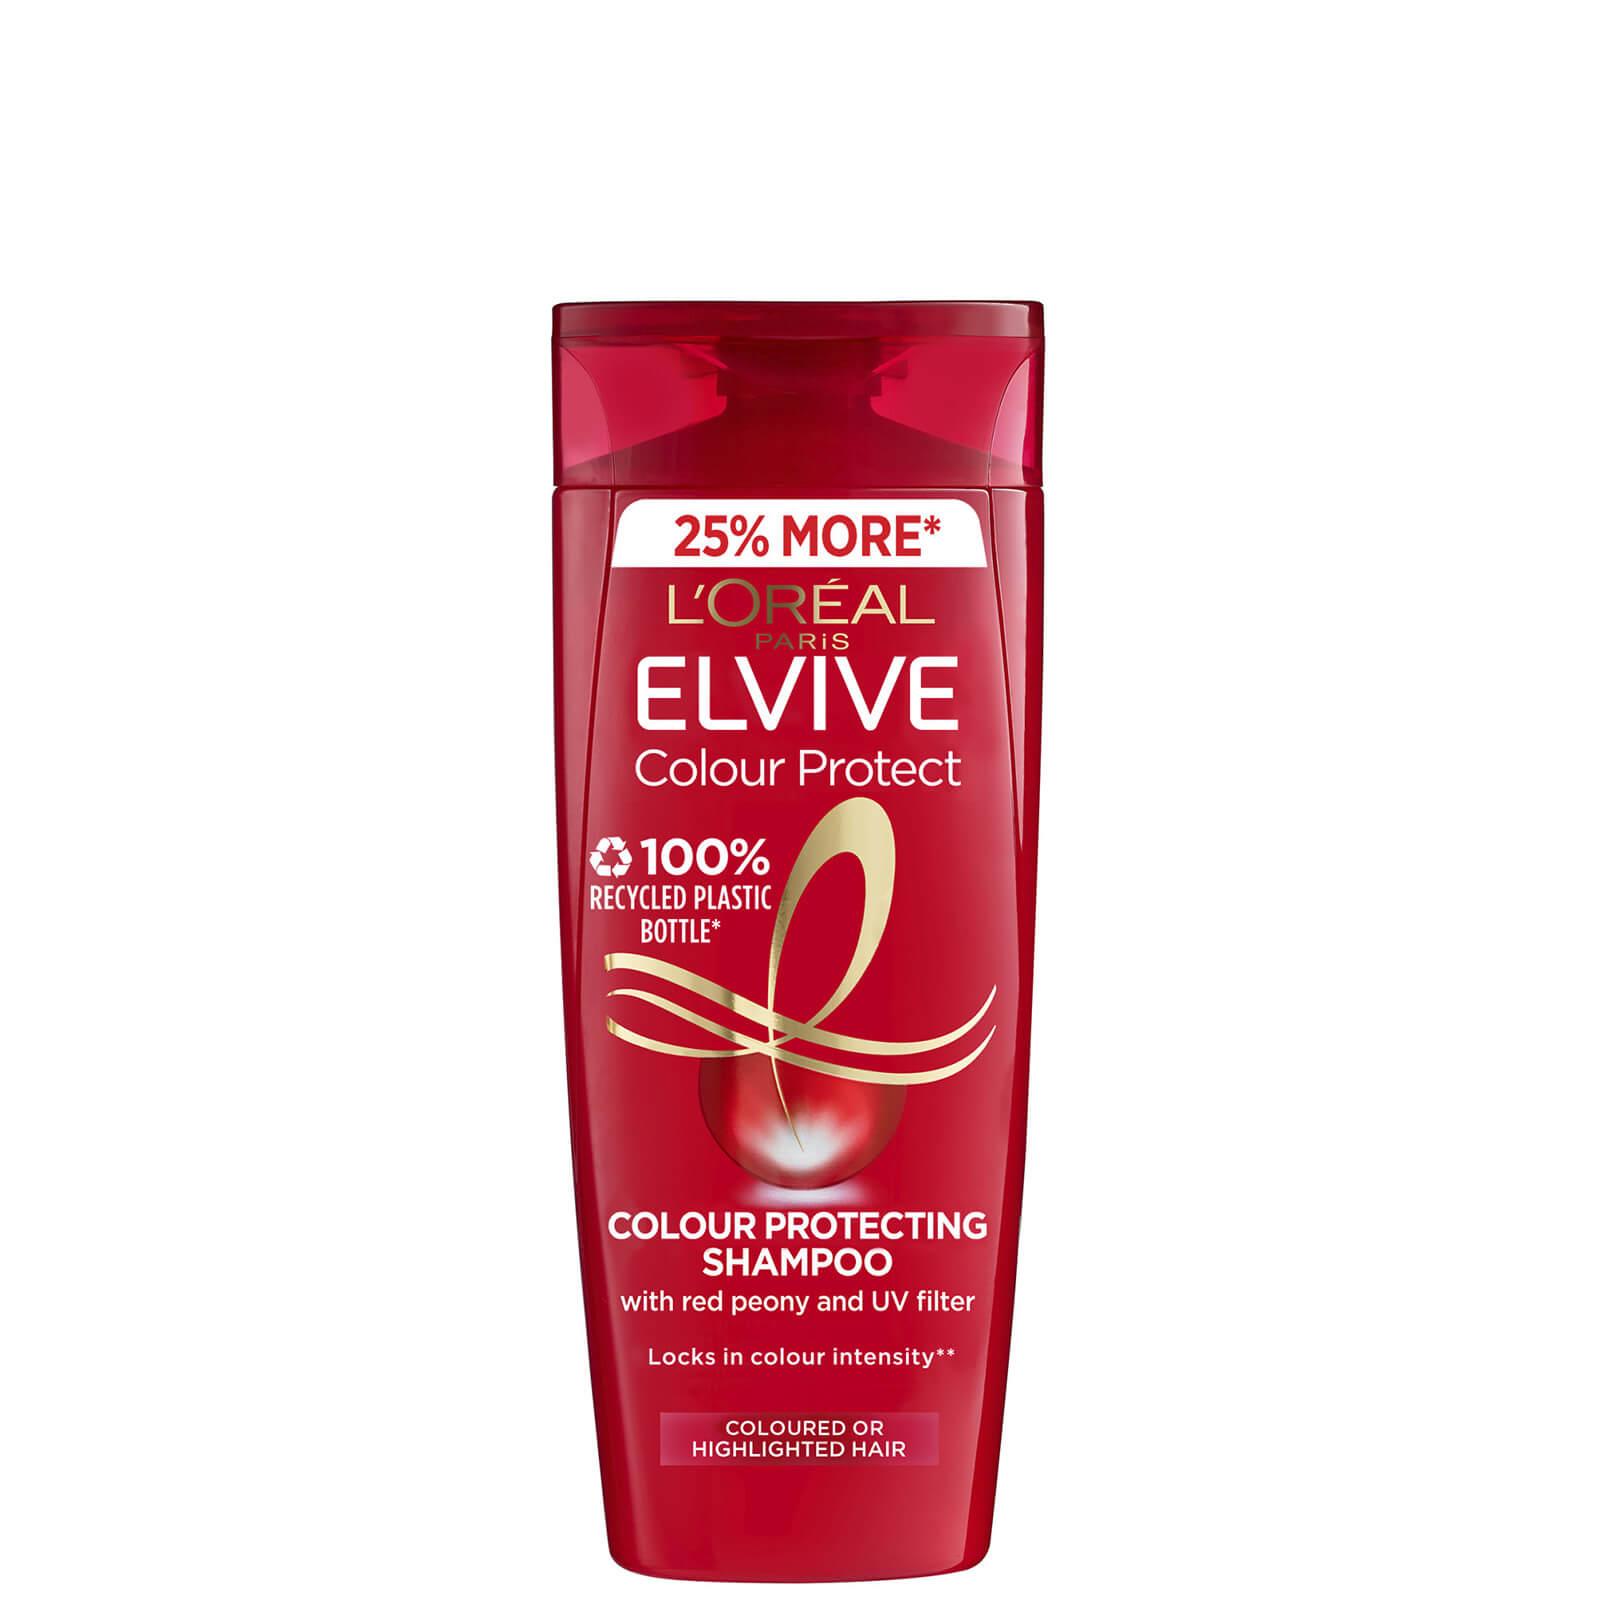 L'Oréal Paris Elvive Colour Protect Shampoo 500ml